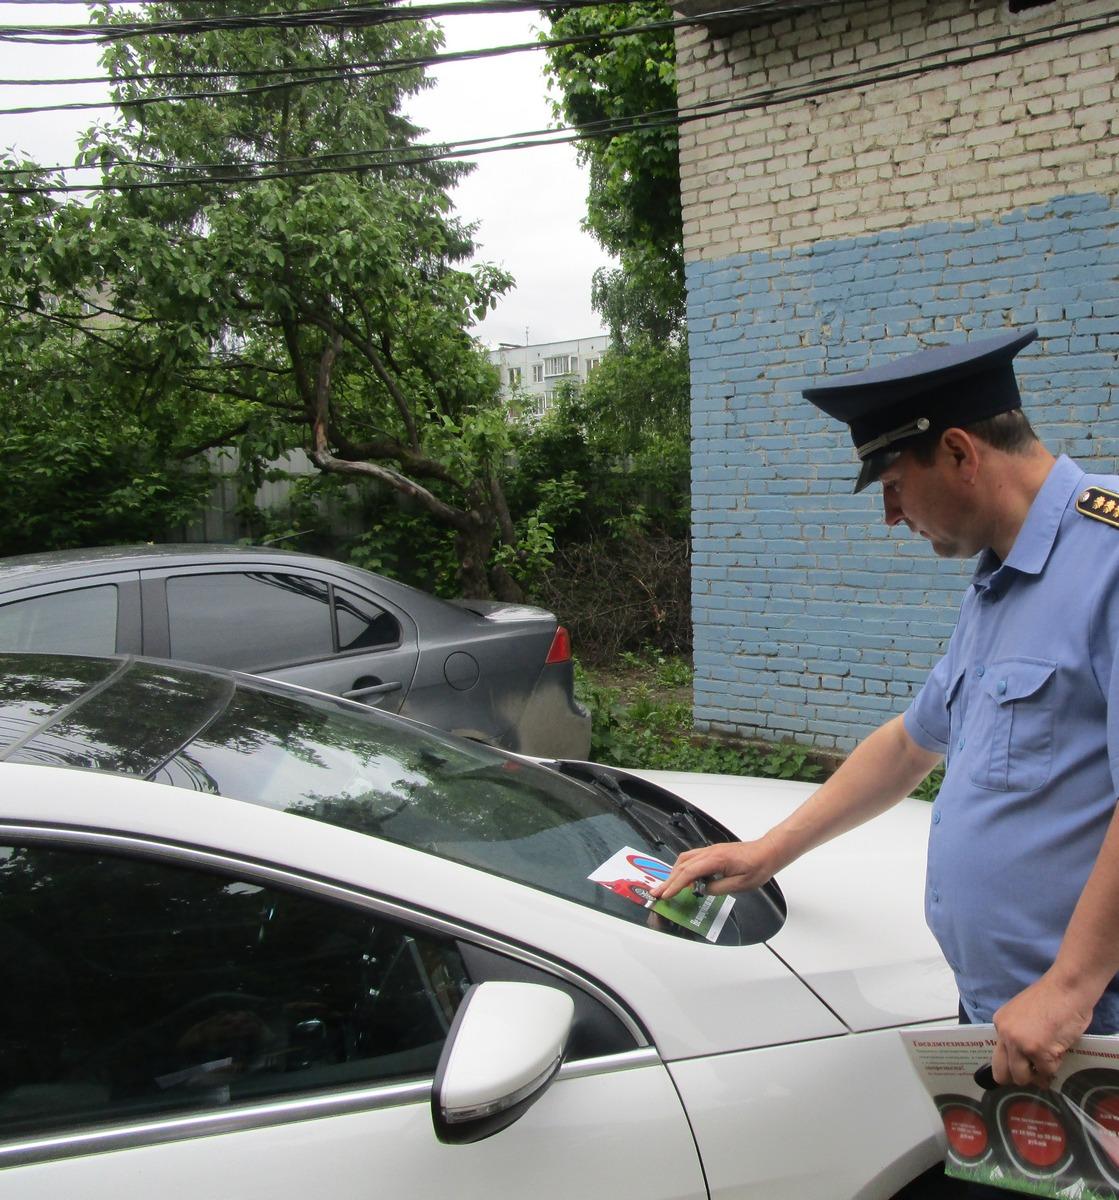 Запарковку нагазонах вЛюберцах оштрафовали неменее 30 человек занеделю